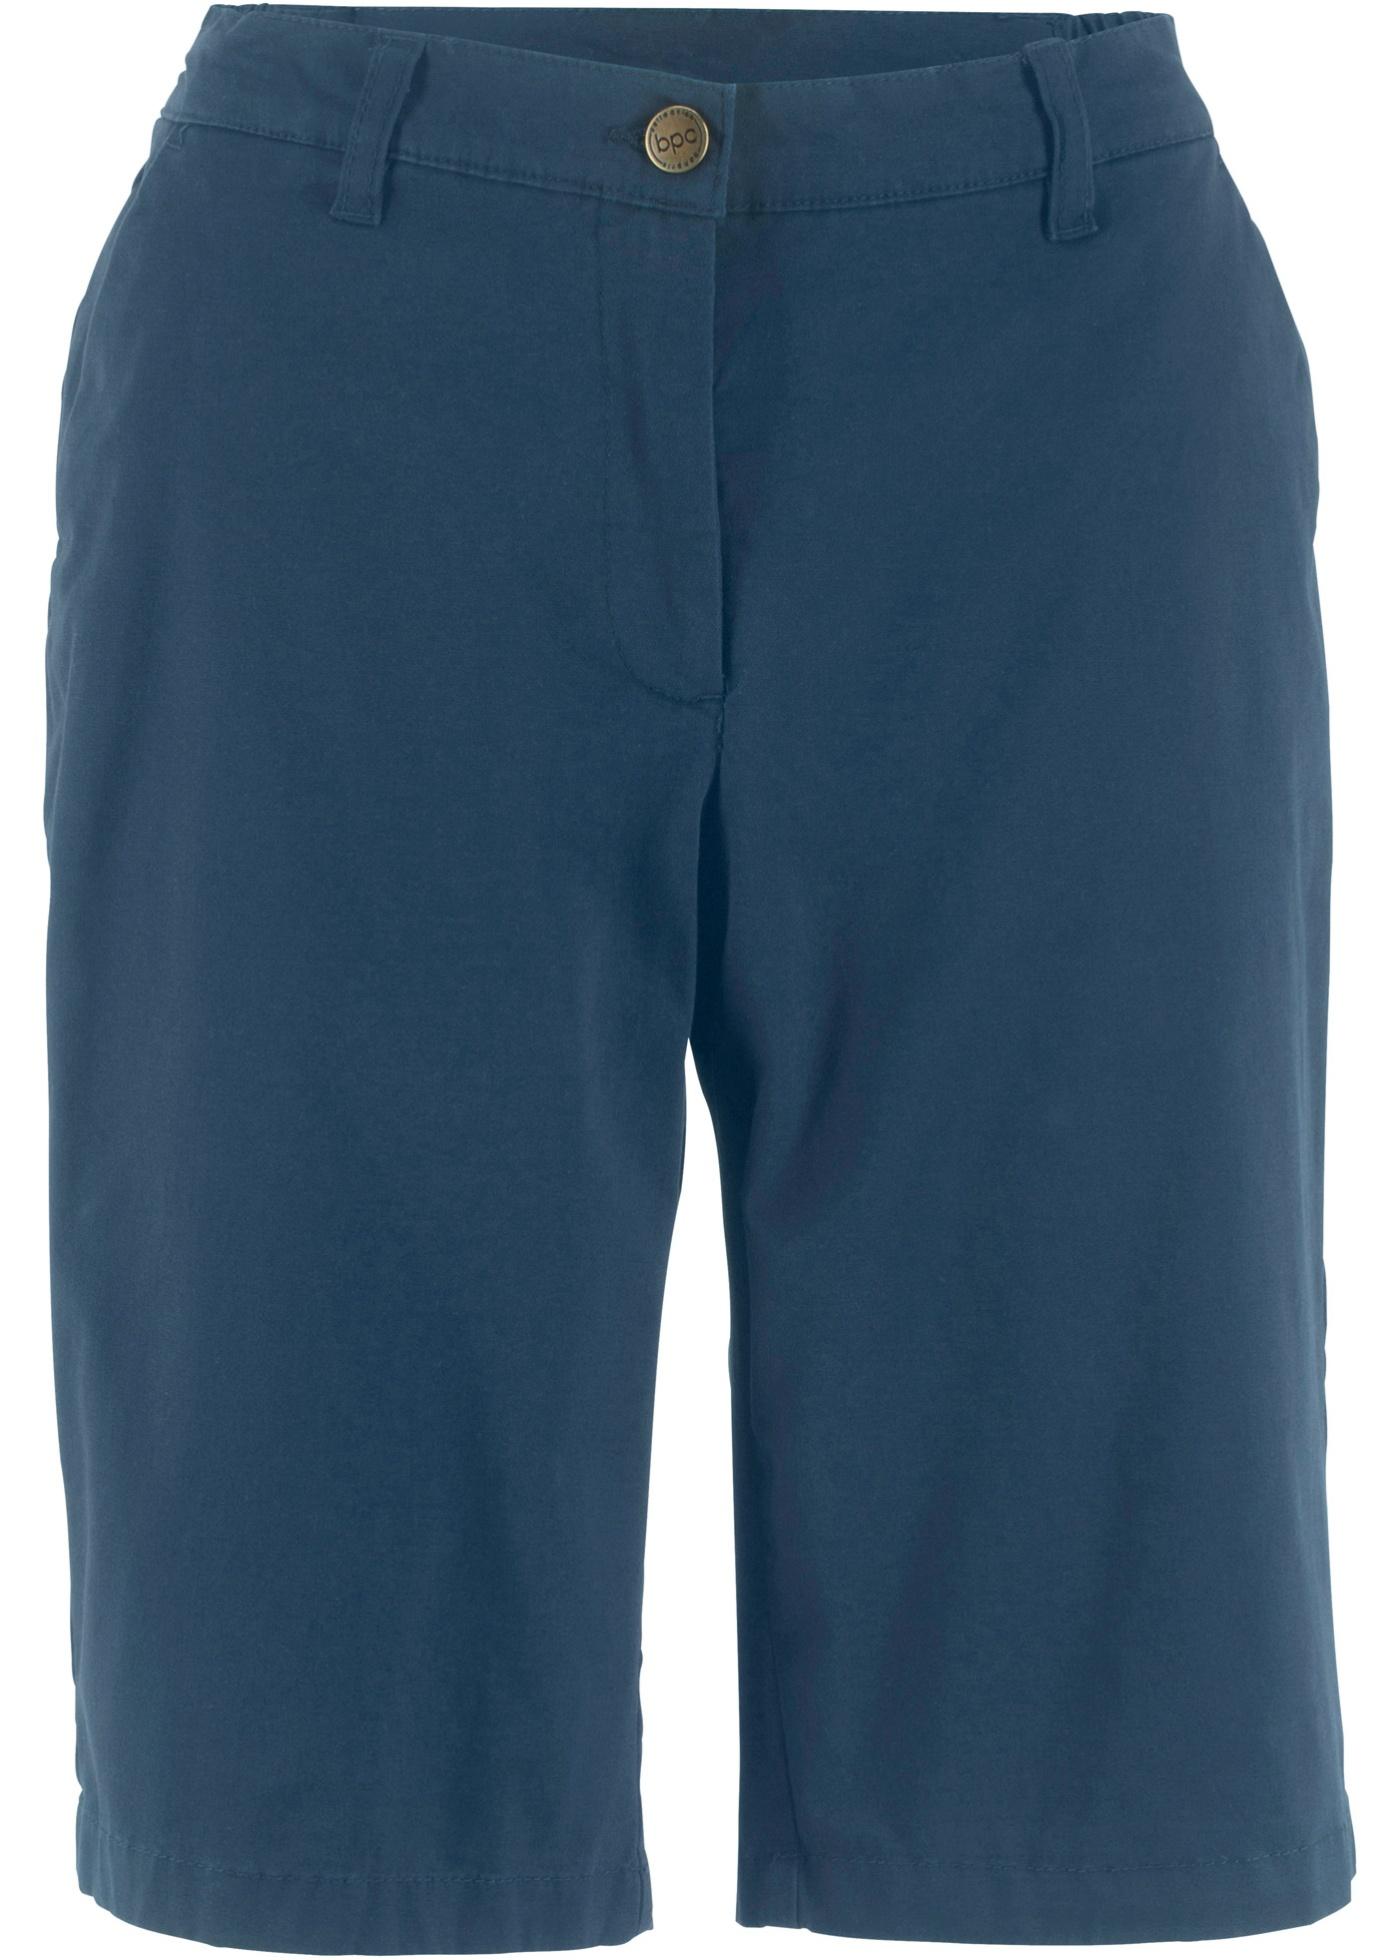 Bermuda-Short mit Komfortbund in blau für Damen von bonprix